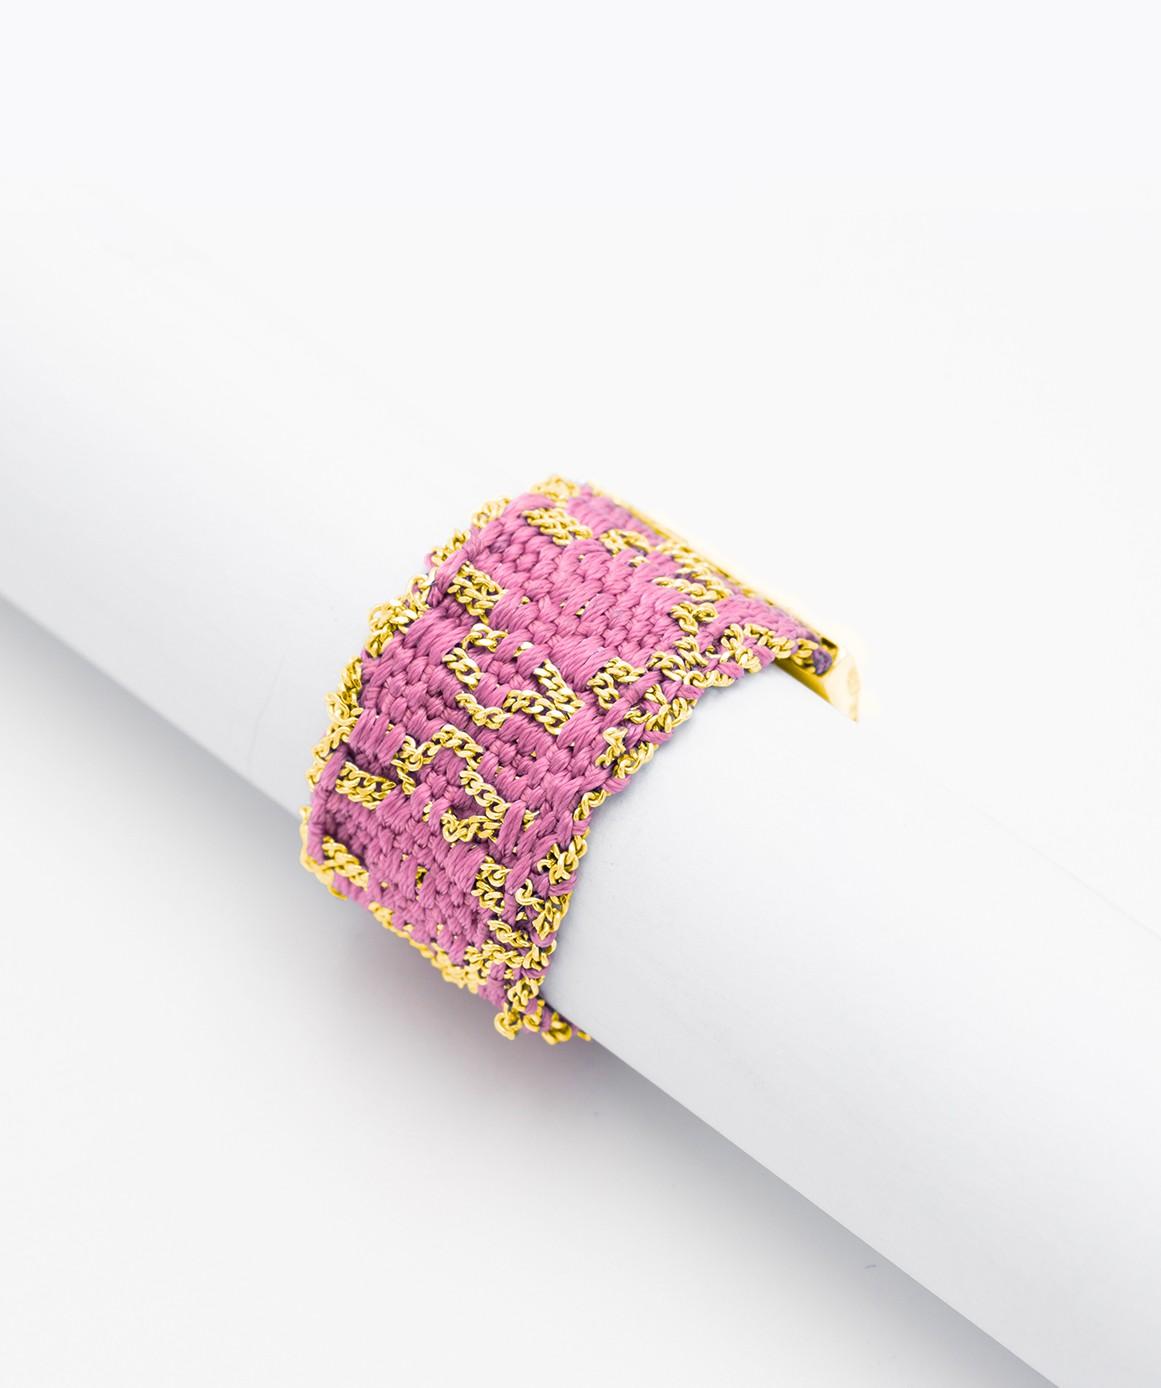 Anello ROMBO in Argento 925 bagno oro Giallo 18Kt. Tessuto: Seta Rosa